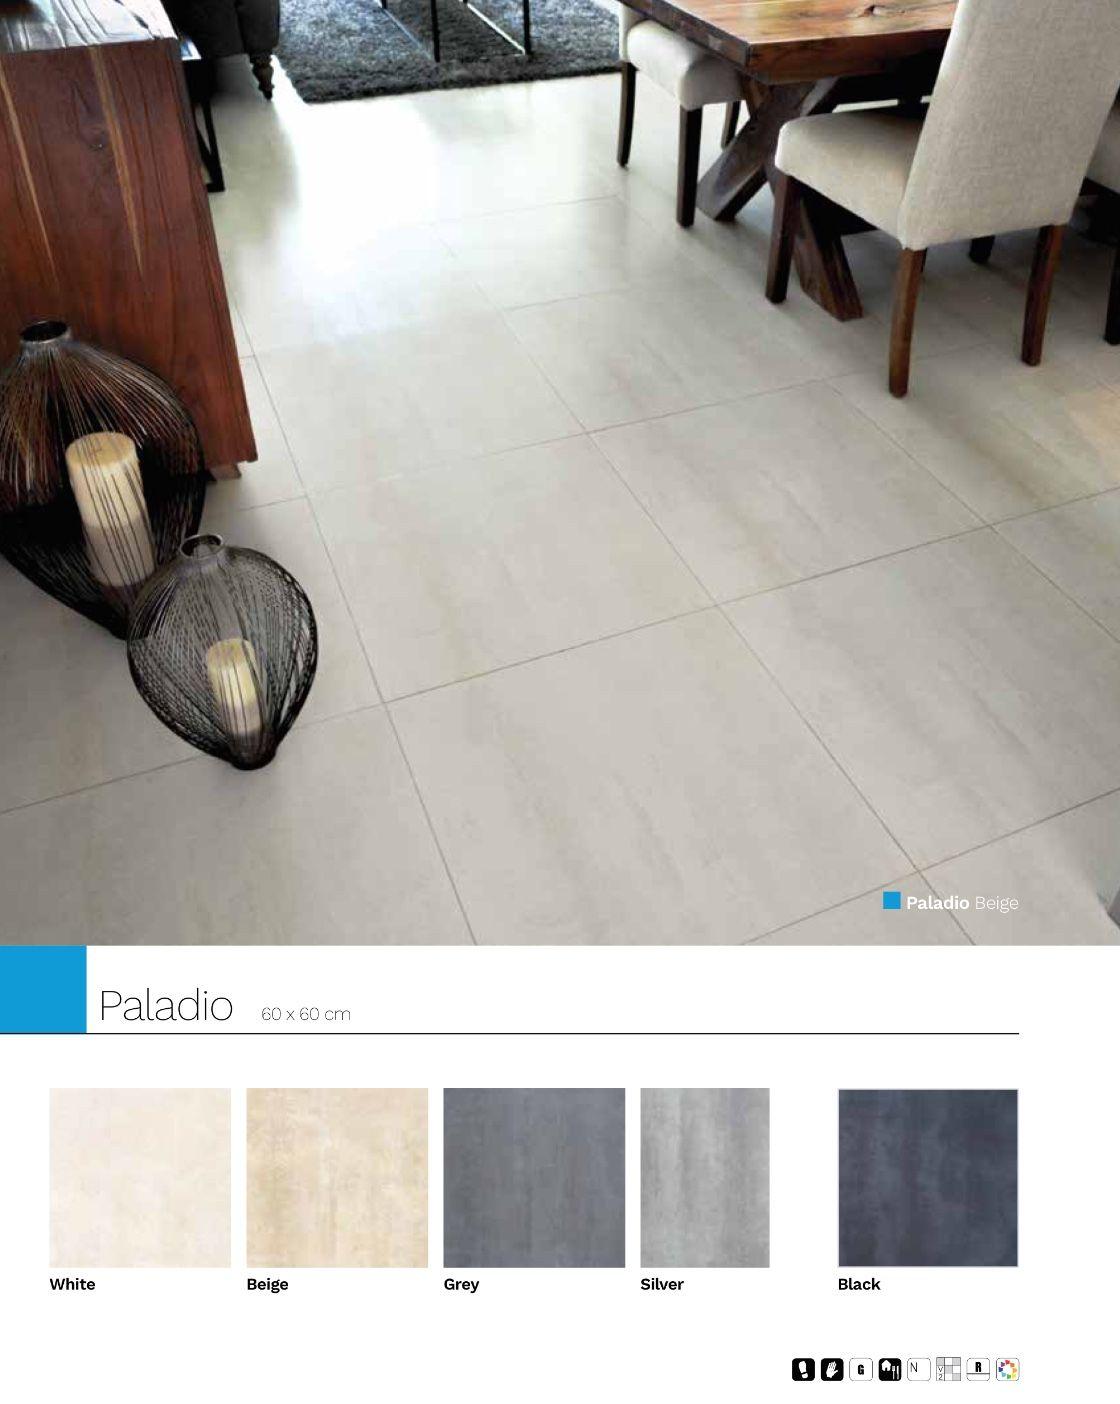 Paladio 60 x 60 cm Porcelánico rectificado piso y muro.